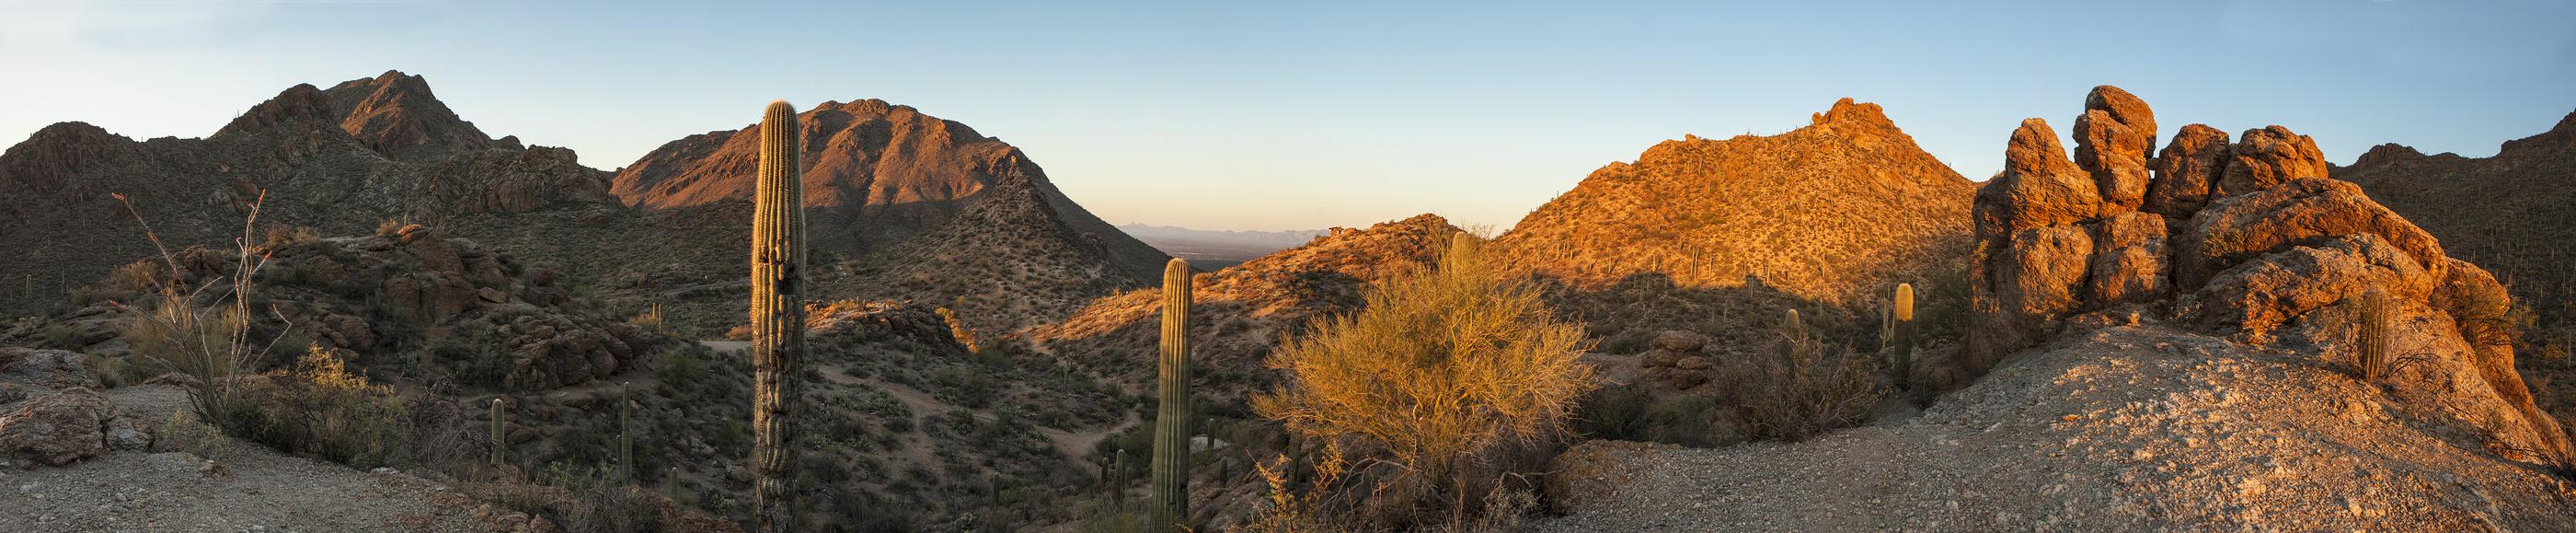 180 degree panorama of the sonoran desert in arizona.jpg